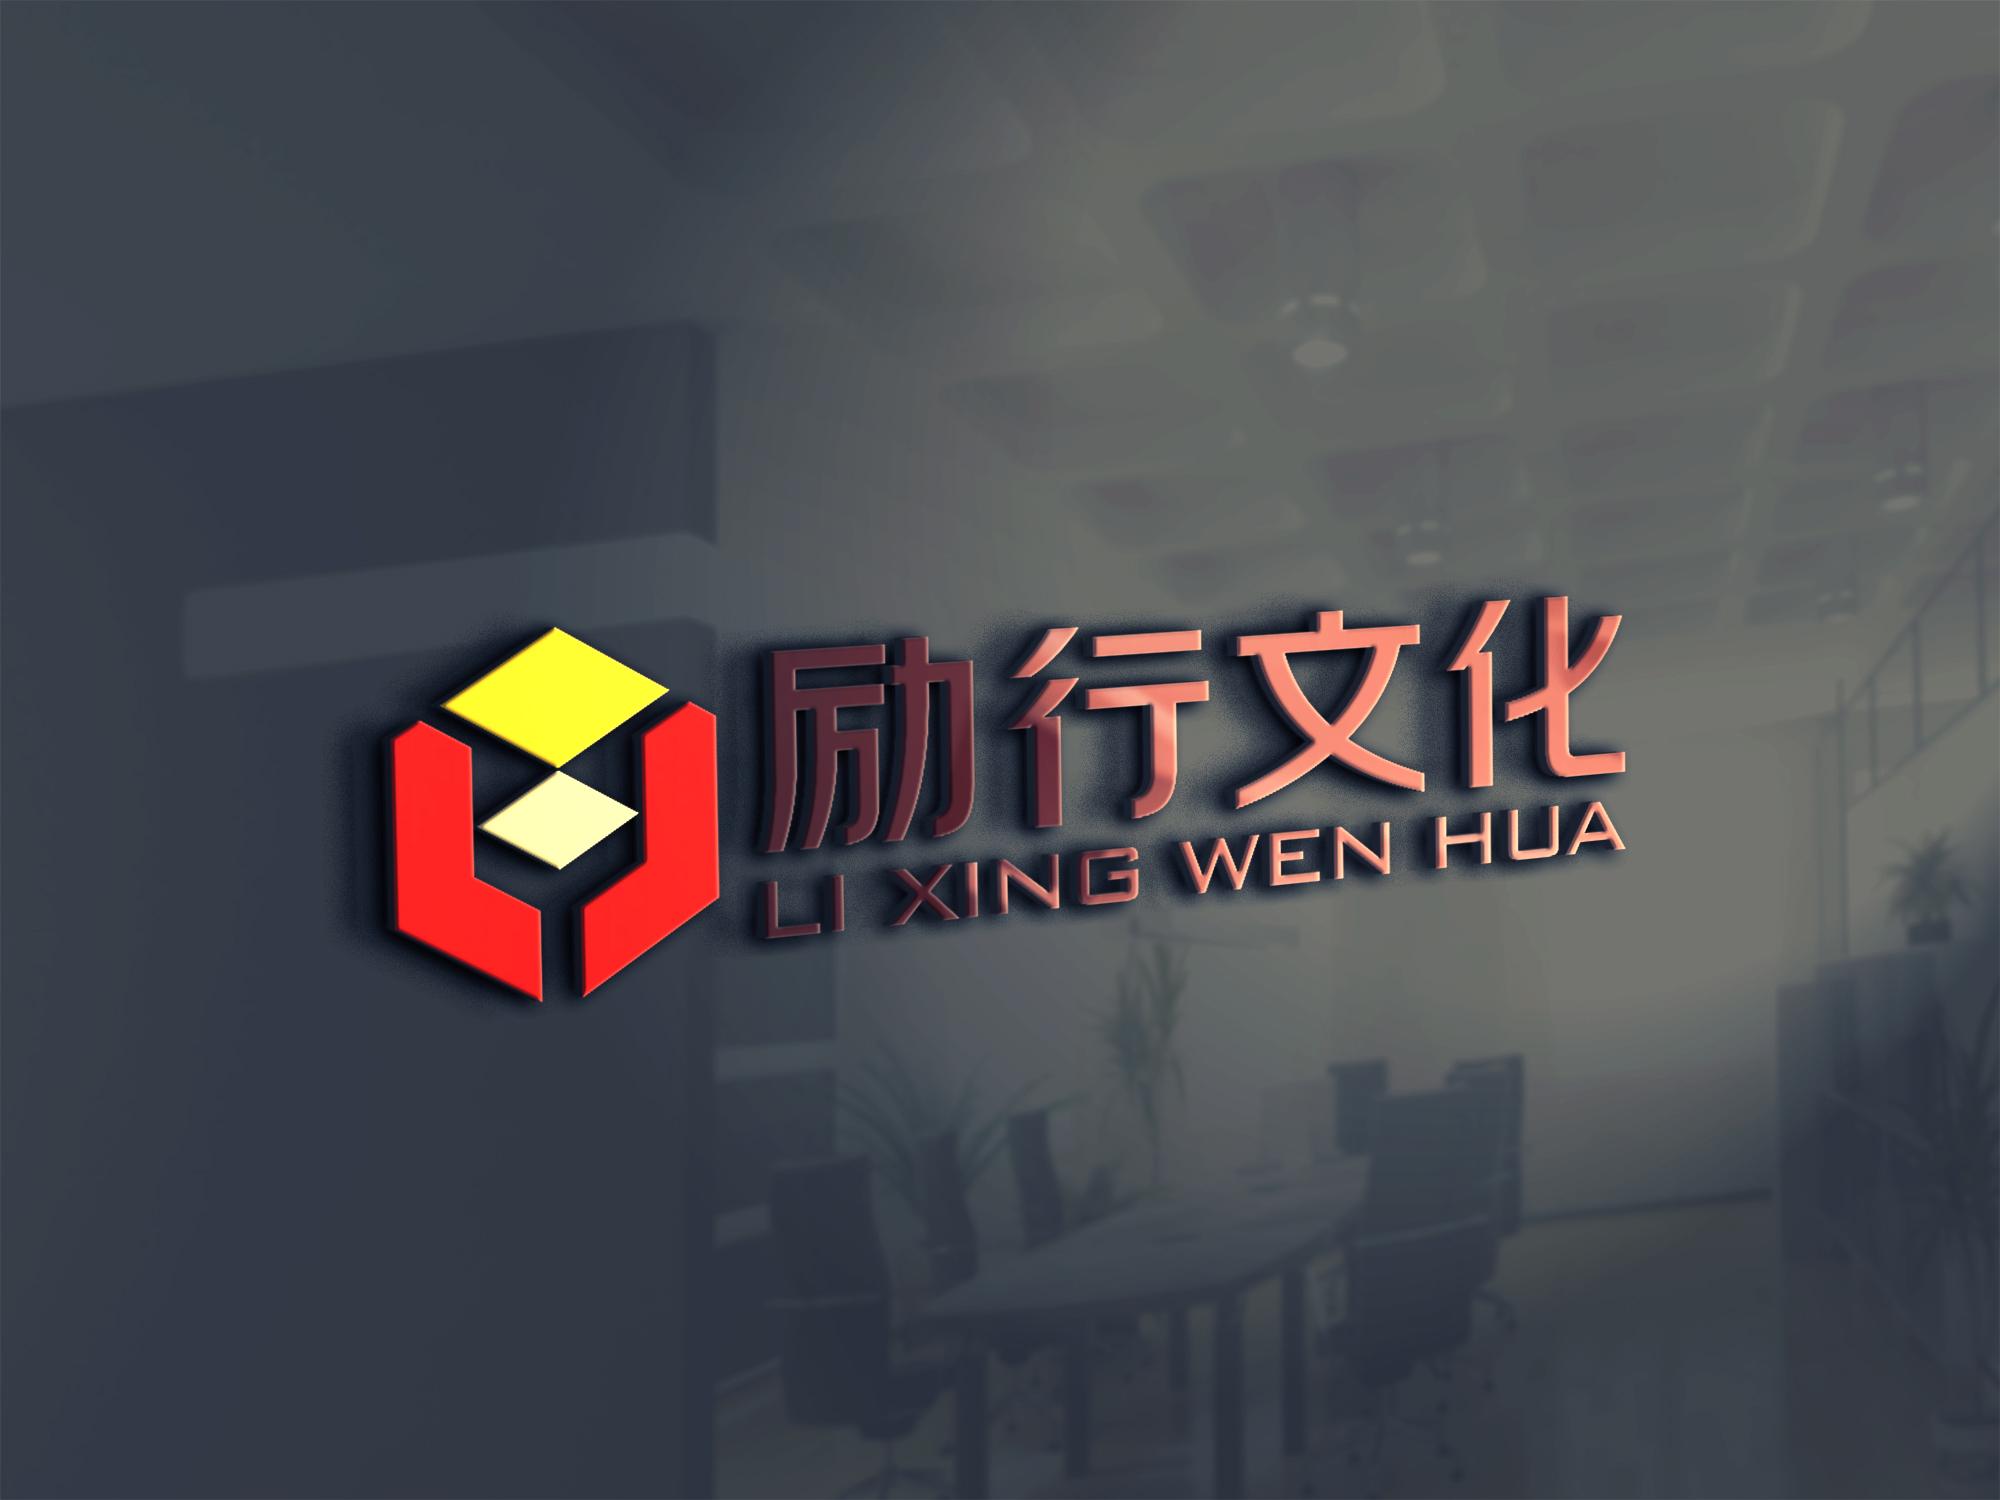 励行文化科技有限公司_3035849_k68威客网